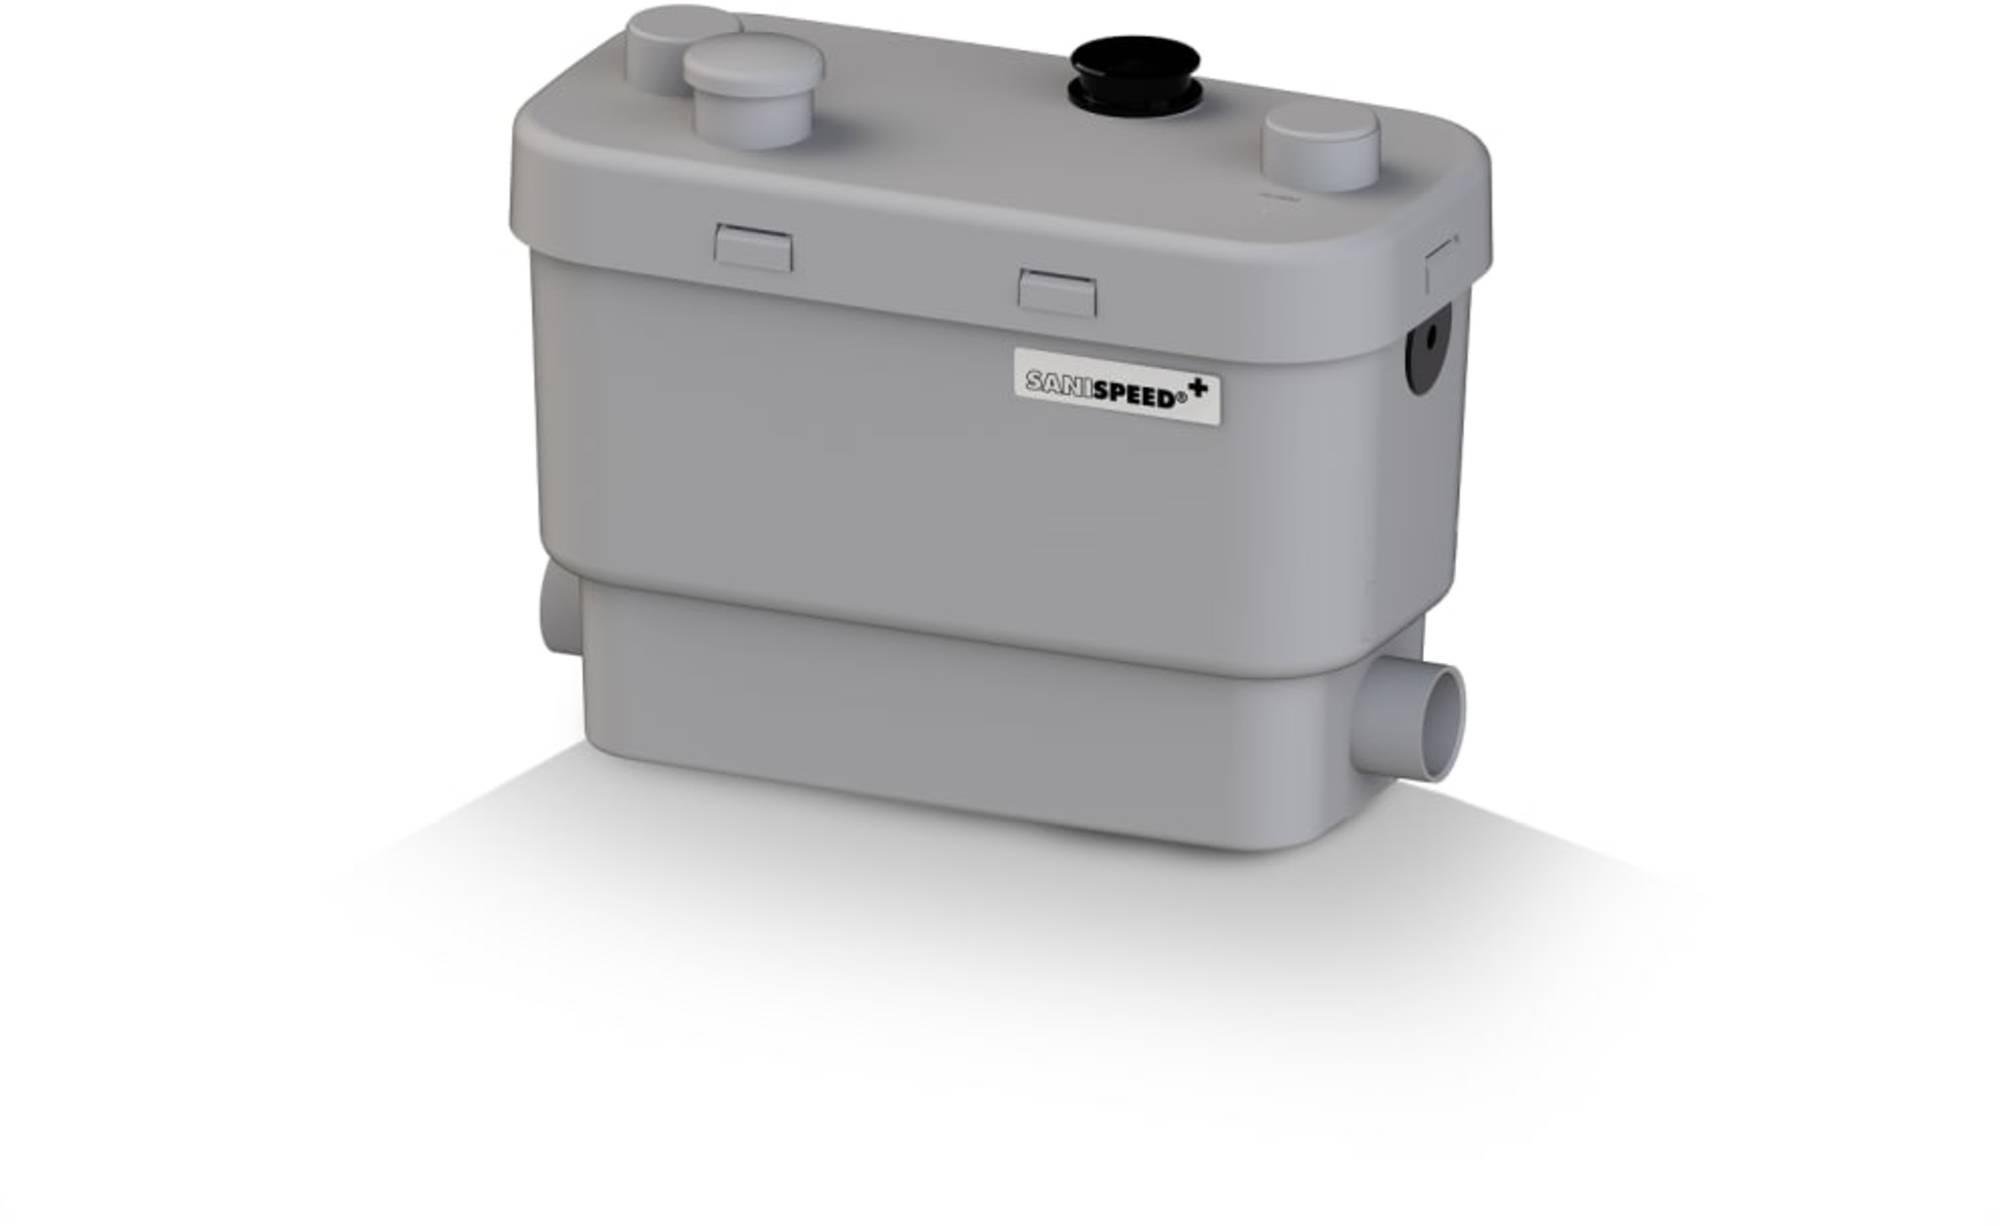 Productafbeelding van Sanibroyeur Sanispeed vuilwaterpomp douche-wast-wasm-bidet-bad-keuken